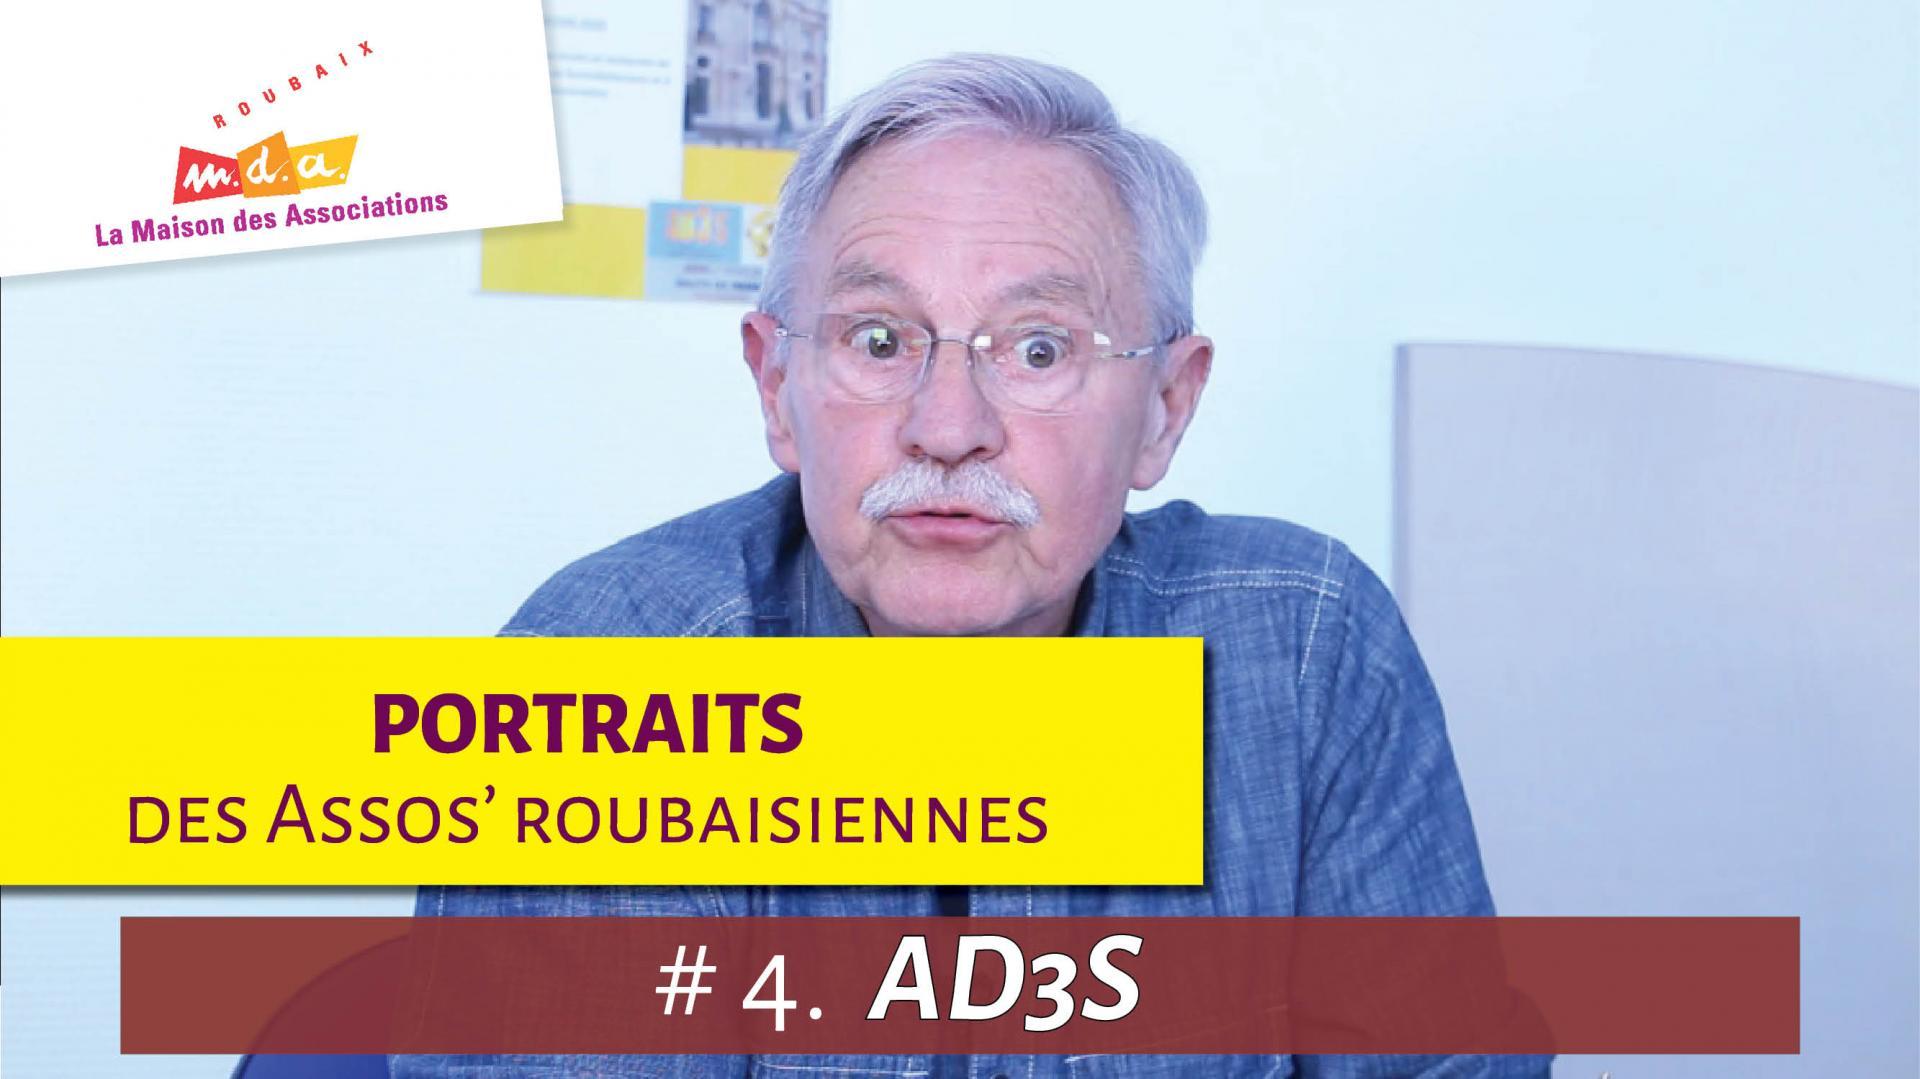 Mignature ad3s 25